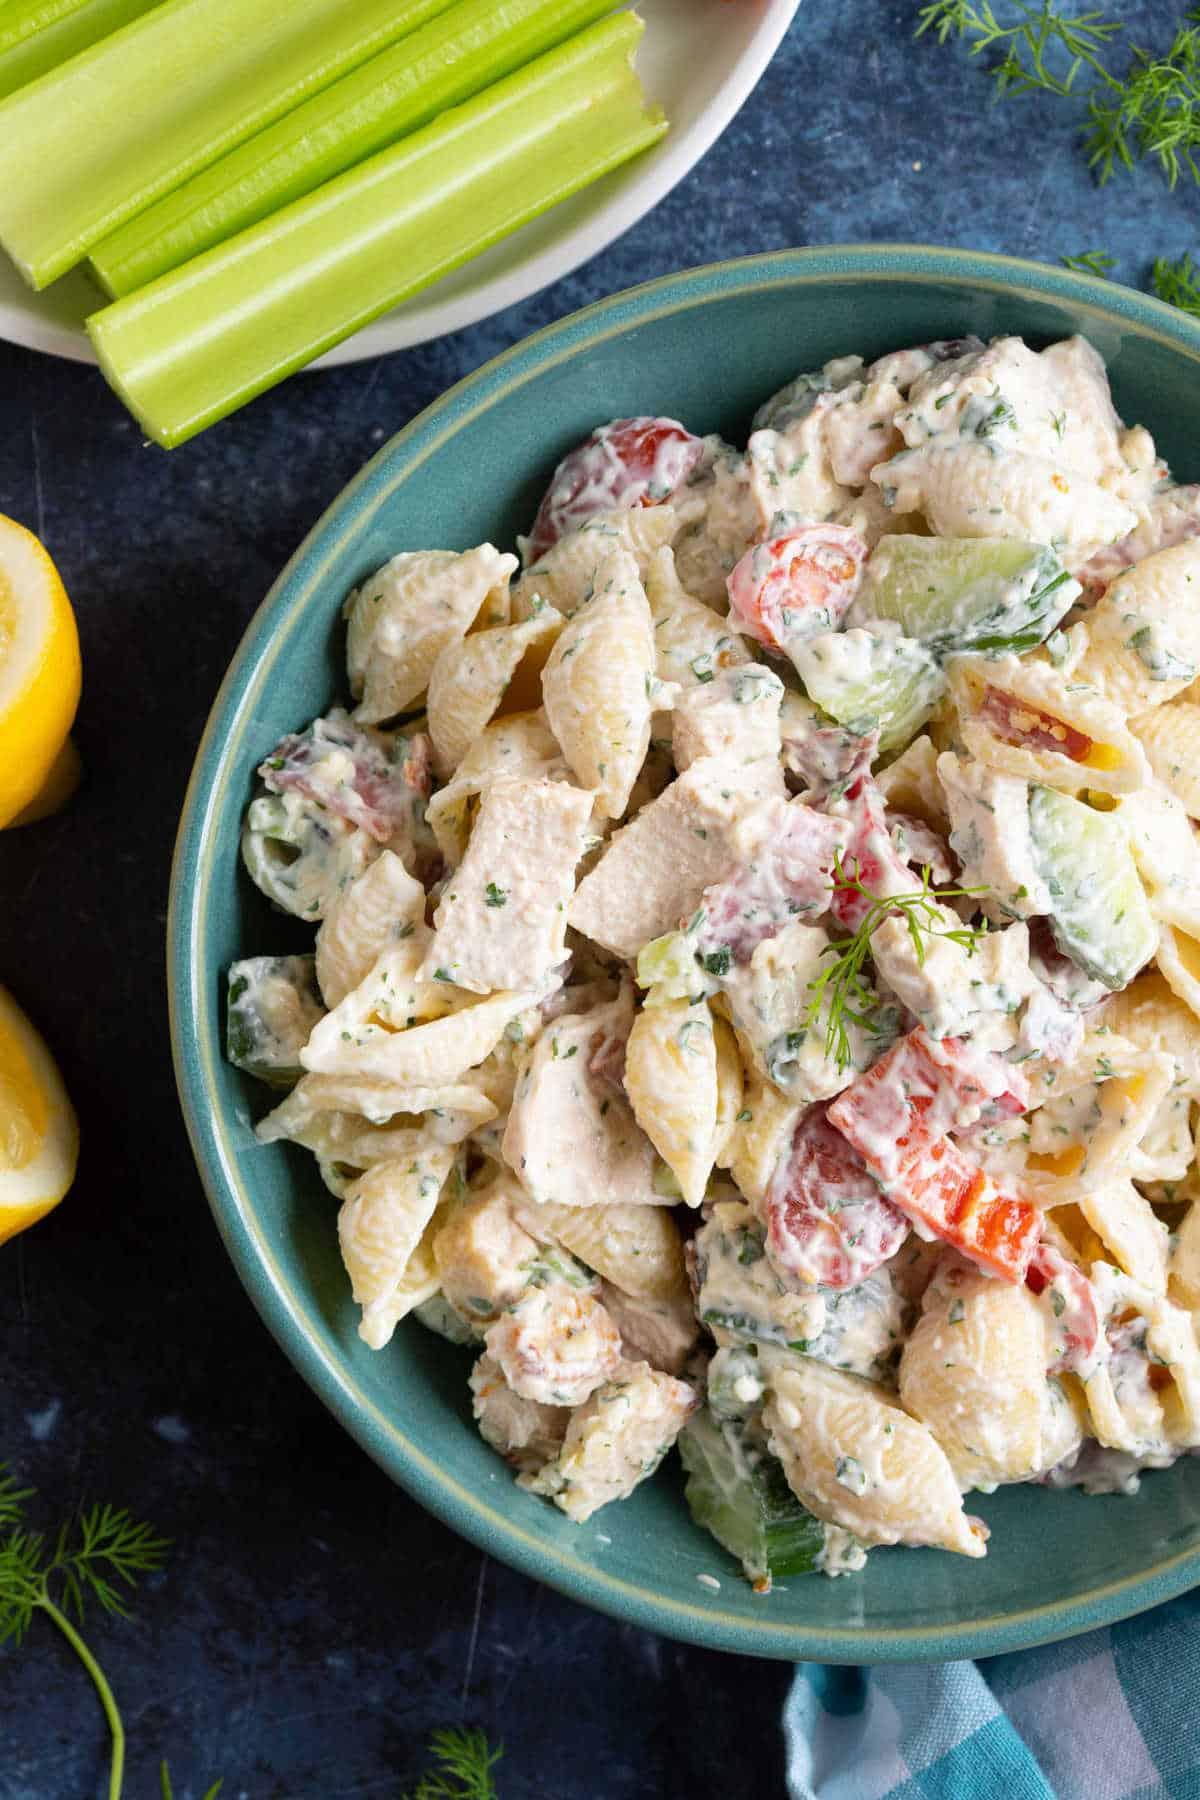 Chicken bacon ranch pasta salad.